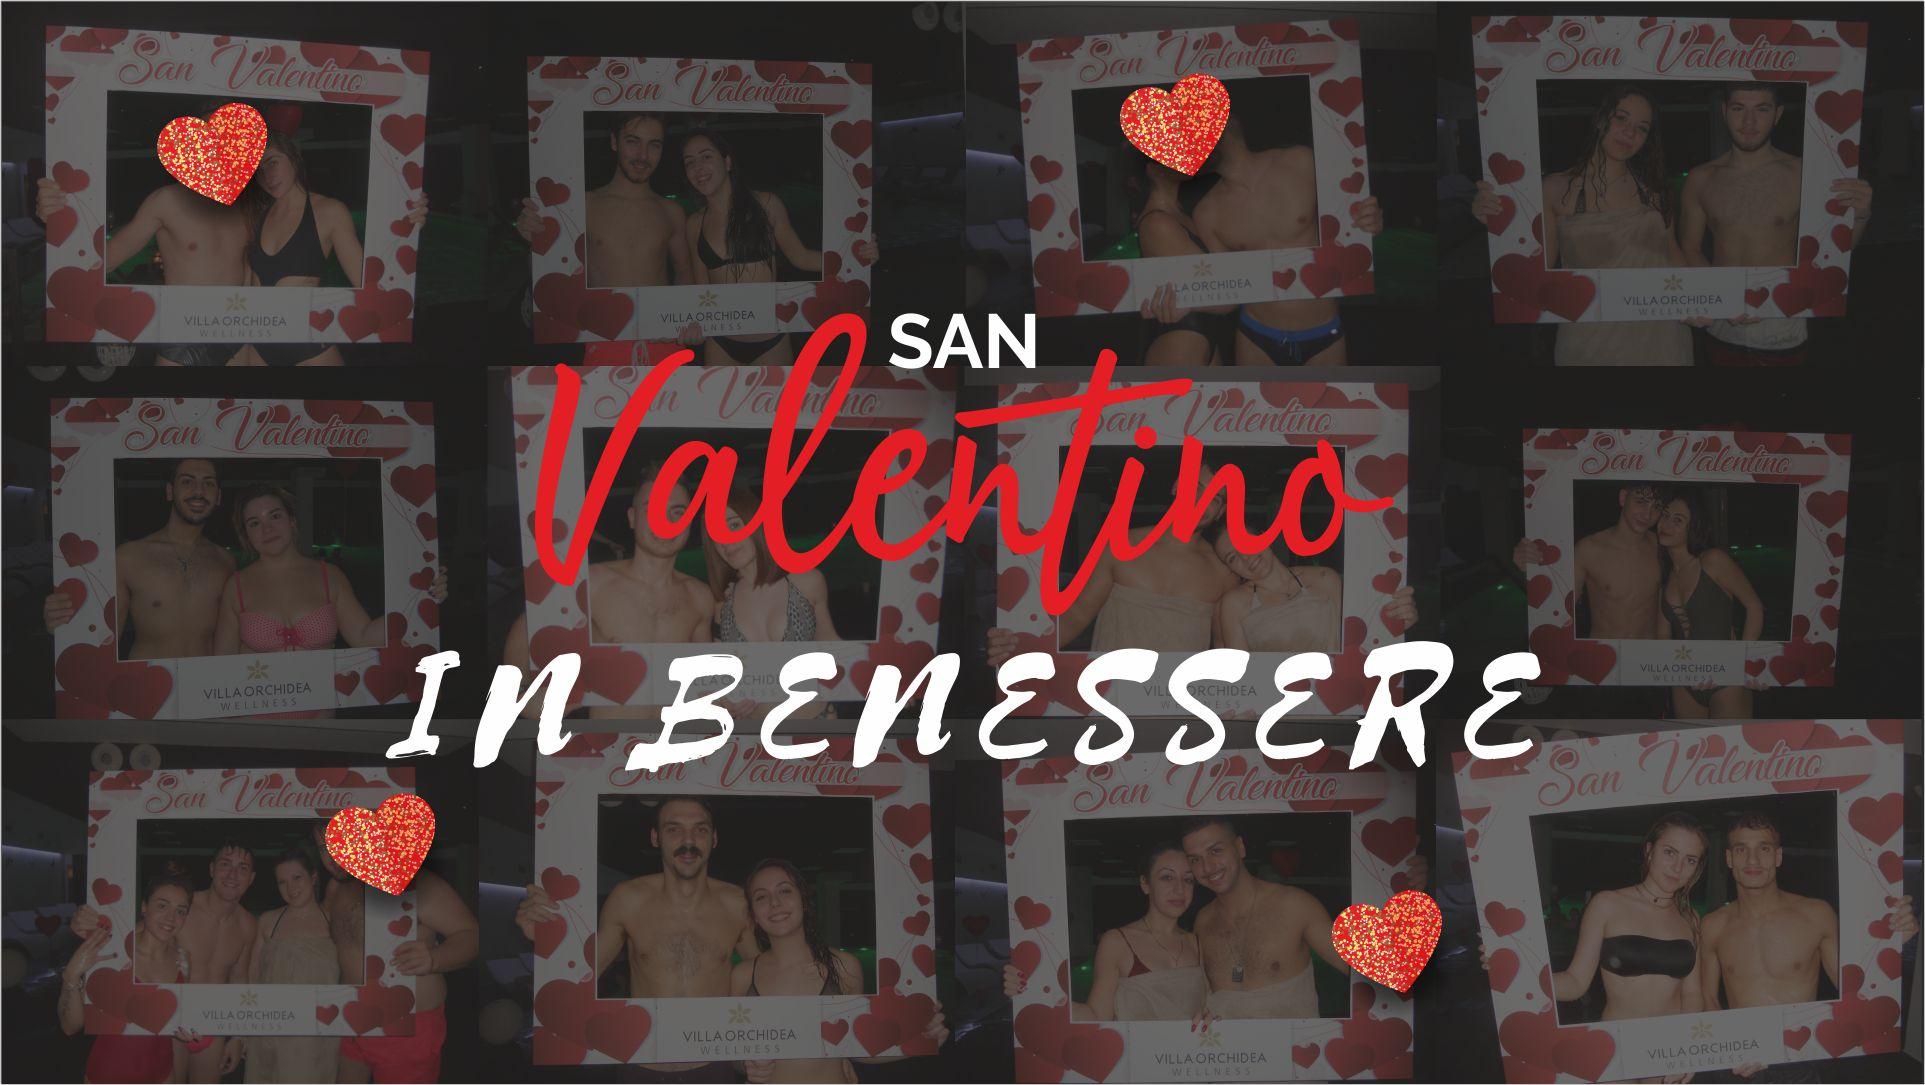 FOTO – San Valentino 2019 in Benessere